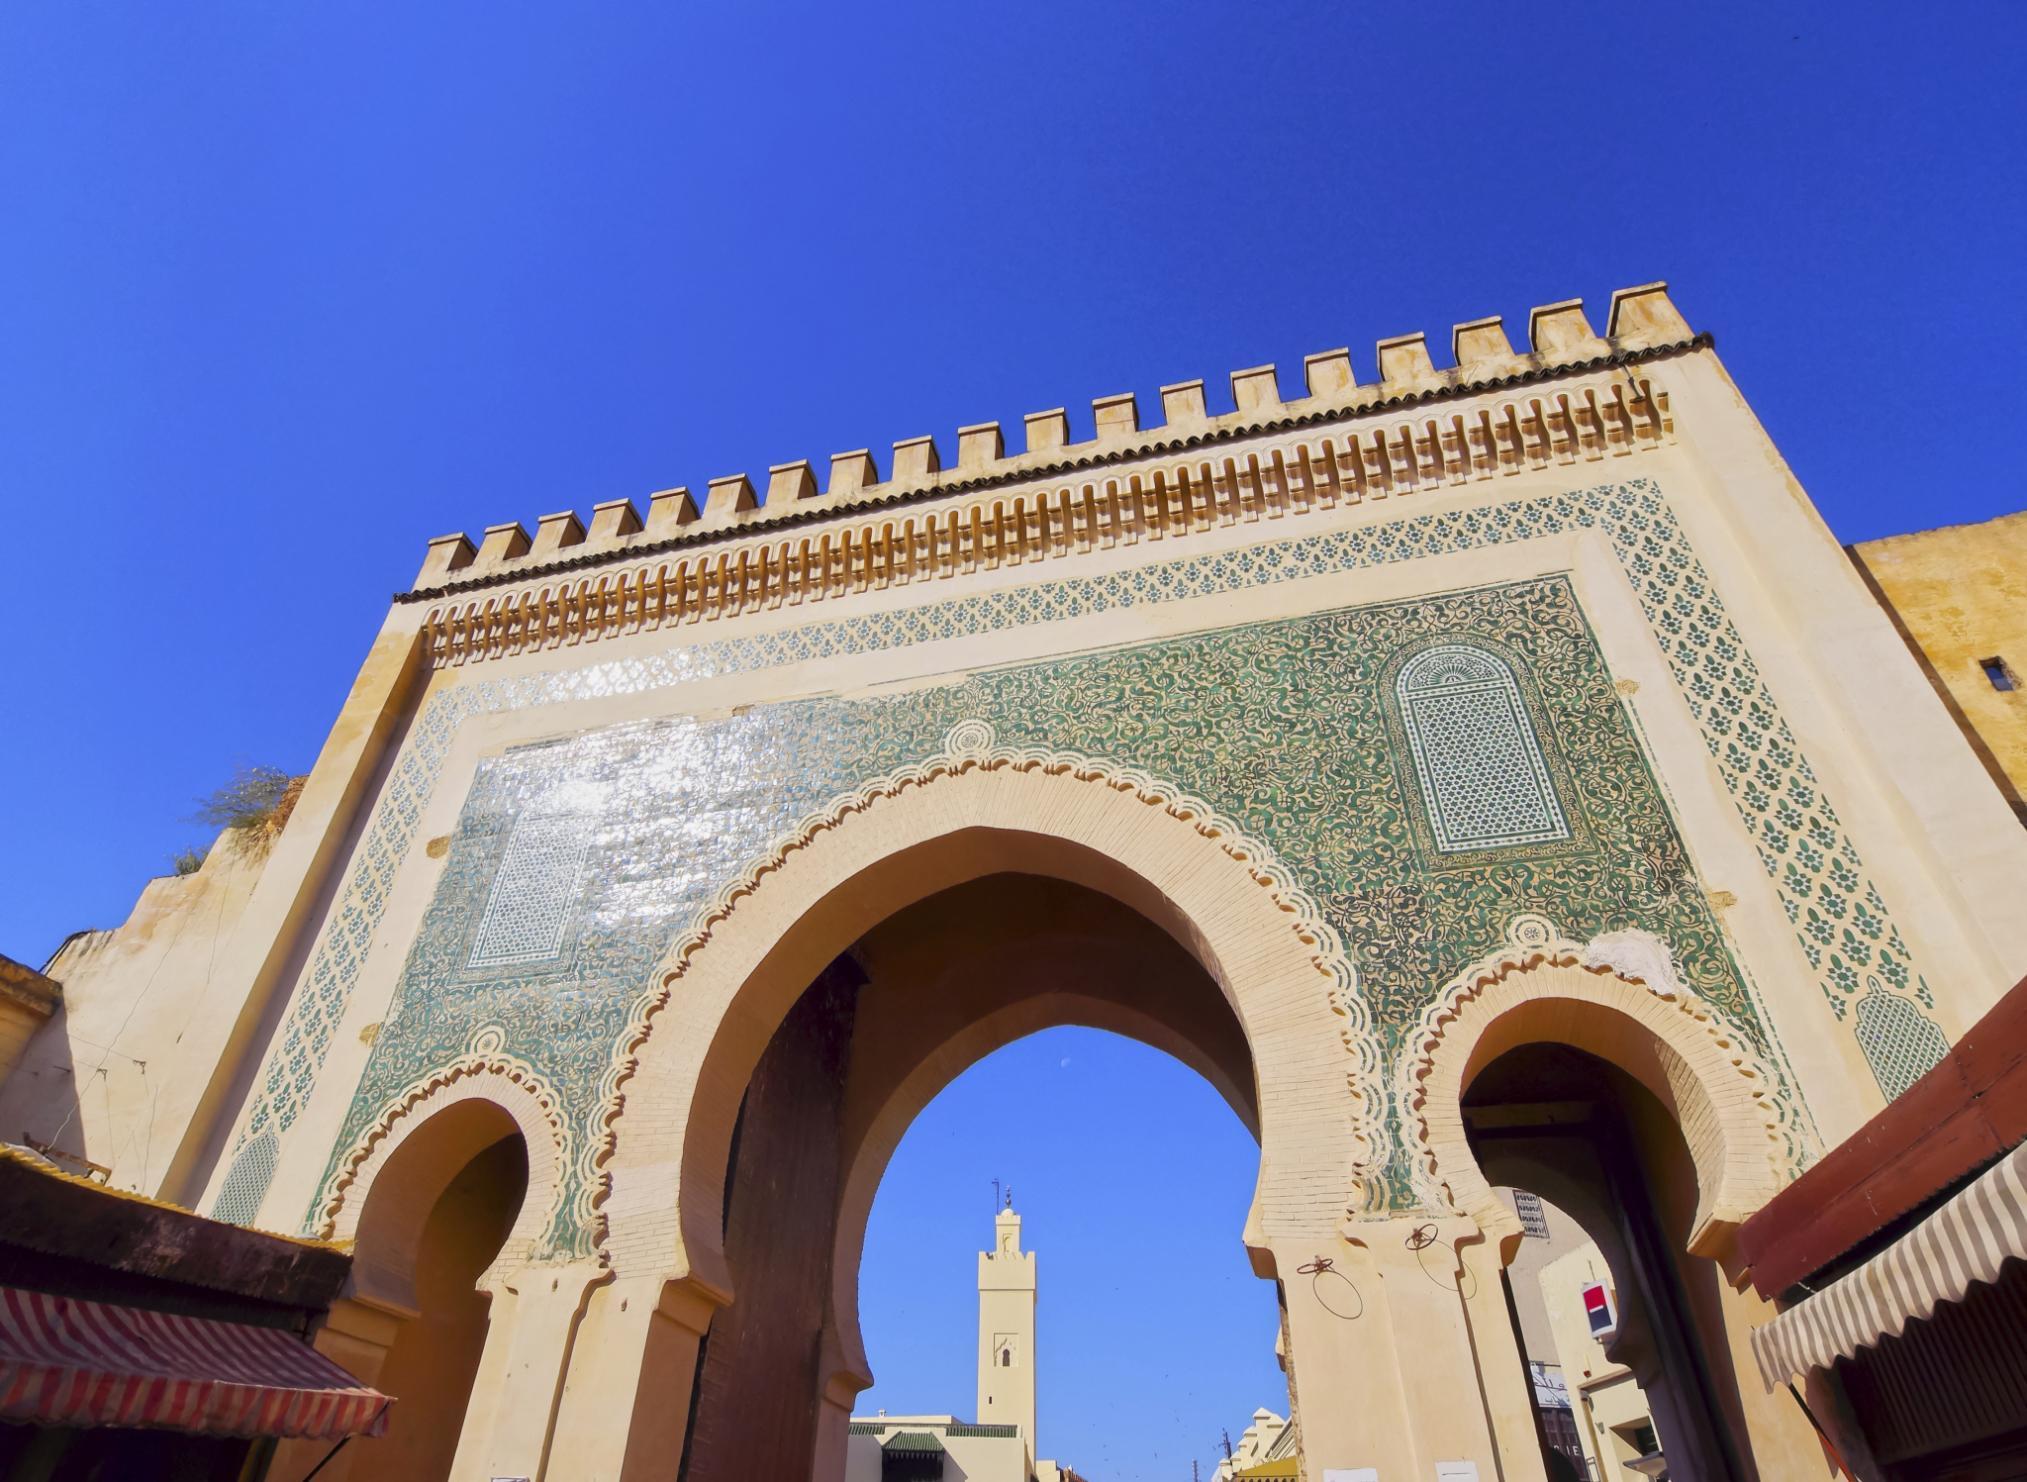 Fez Architecture Guide